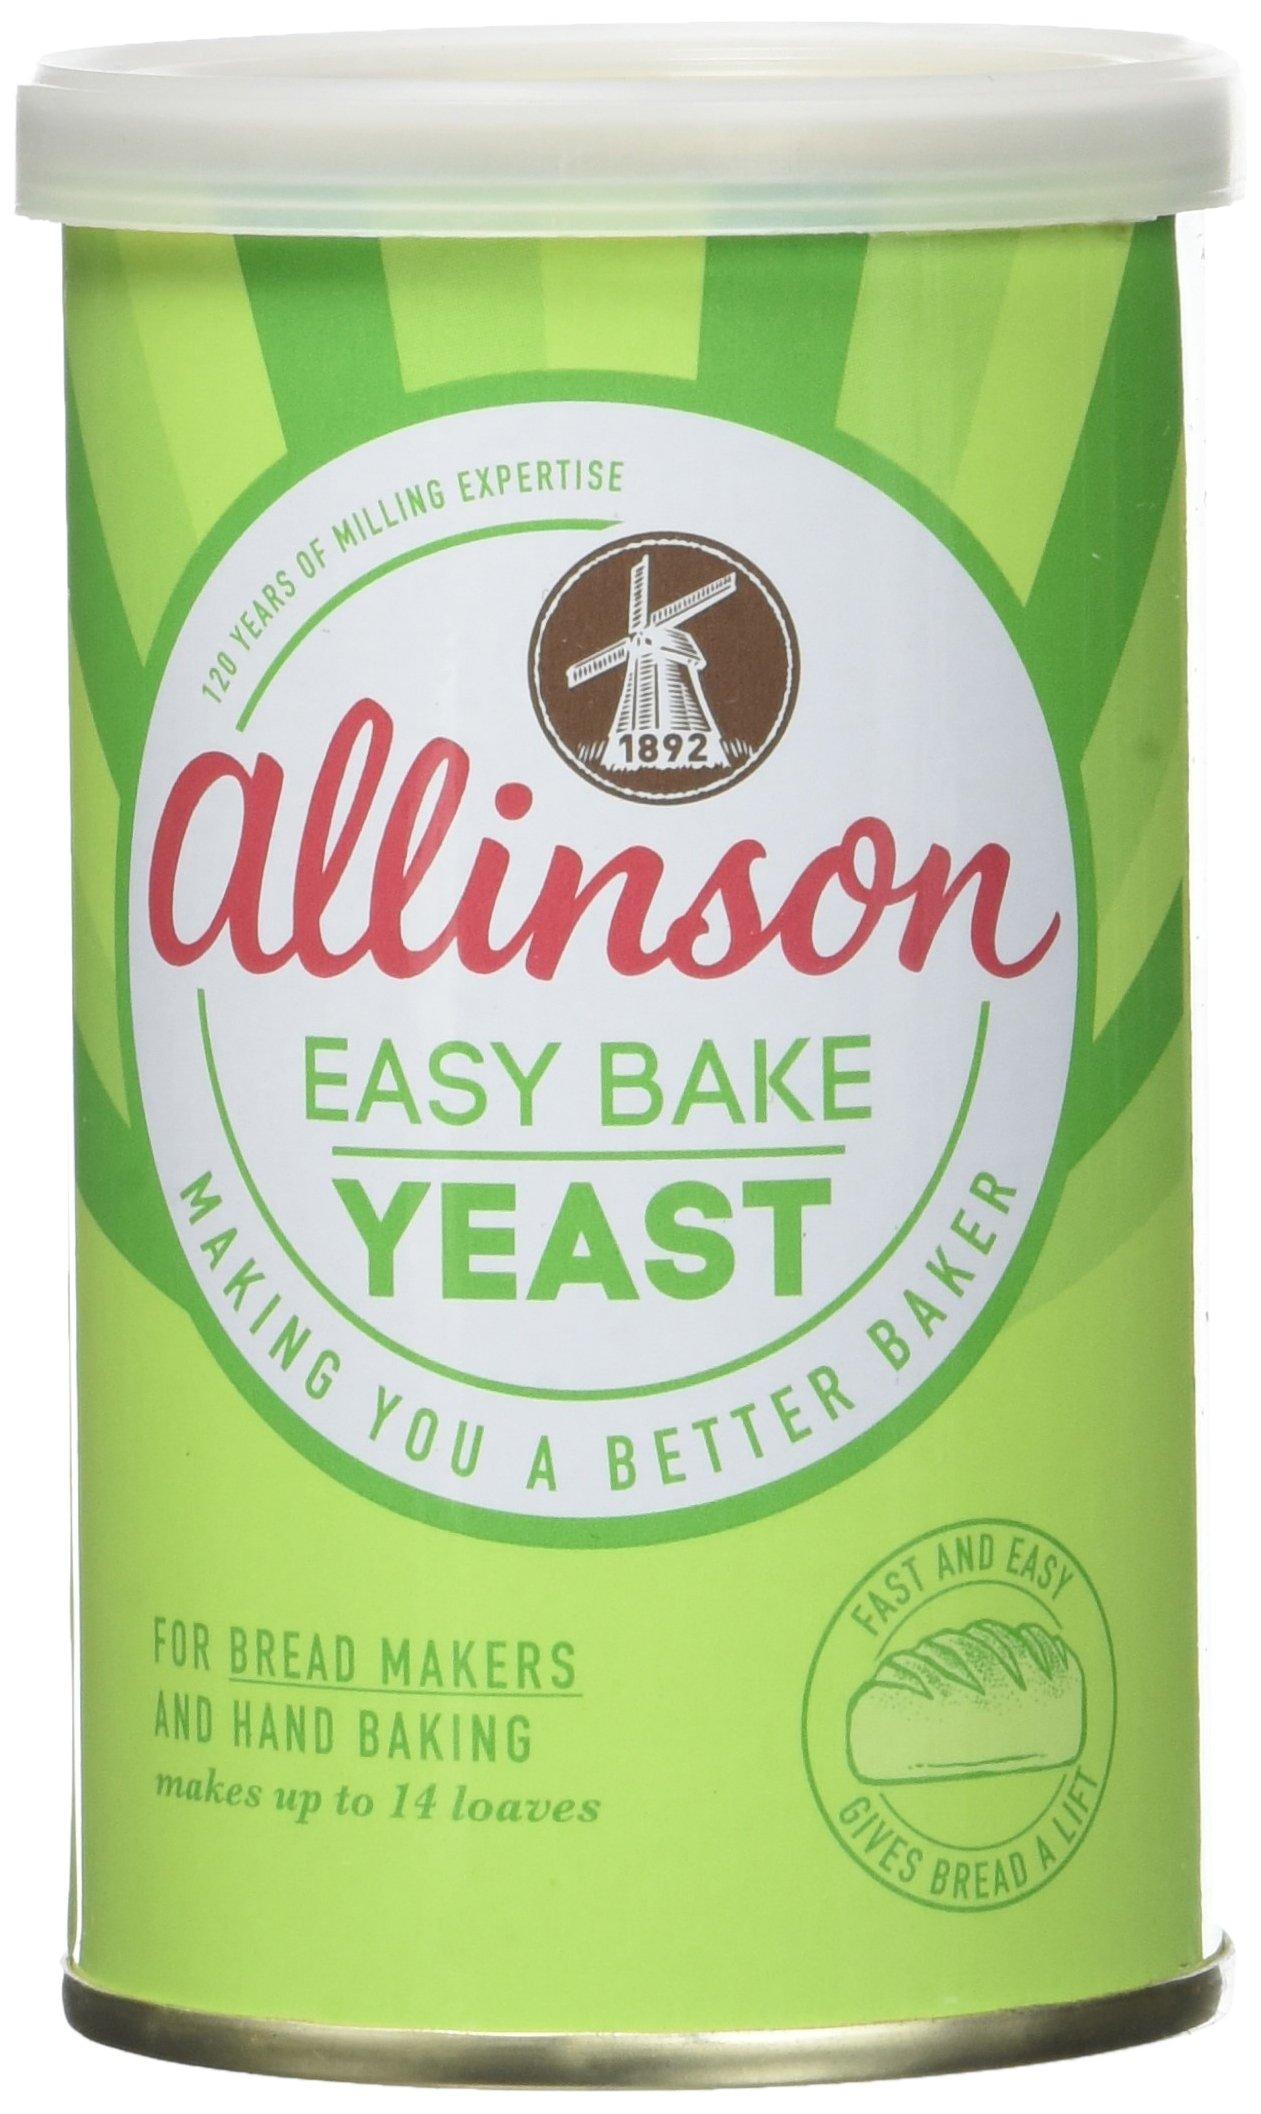 Allinson Easy Bake Yeast, 100g